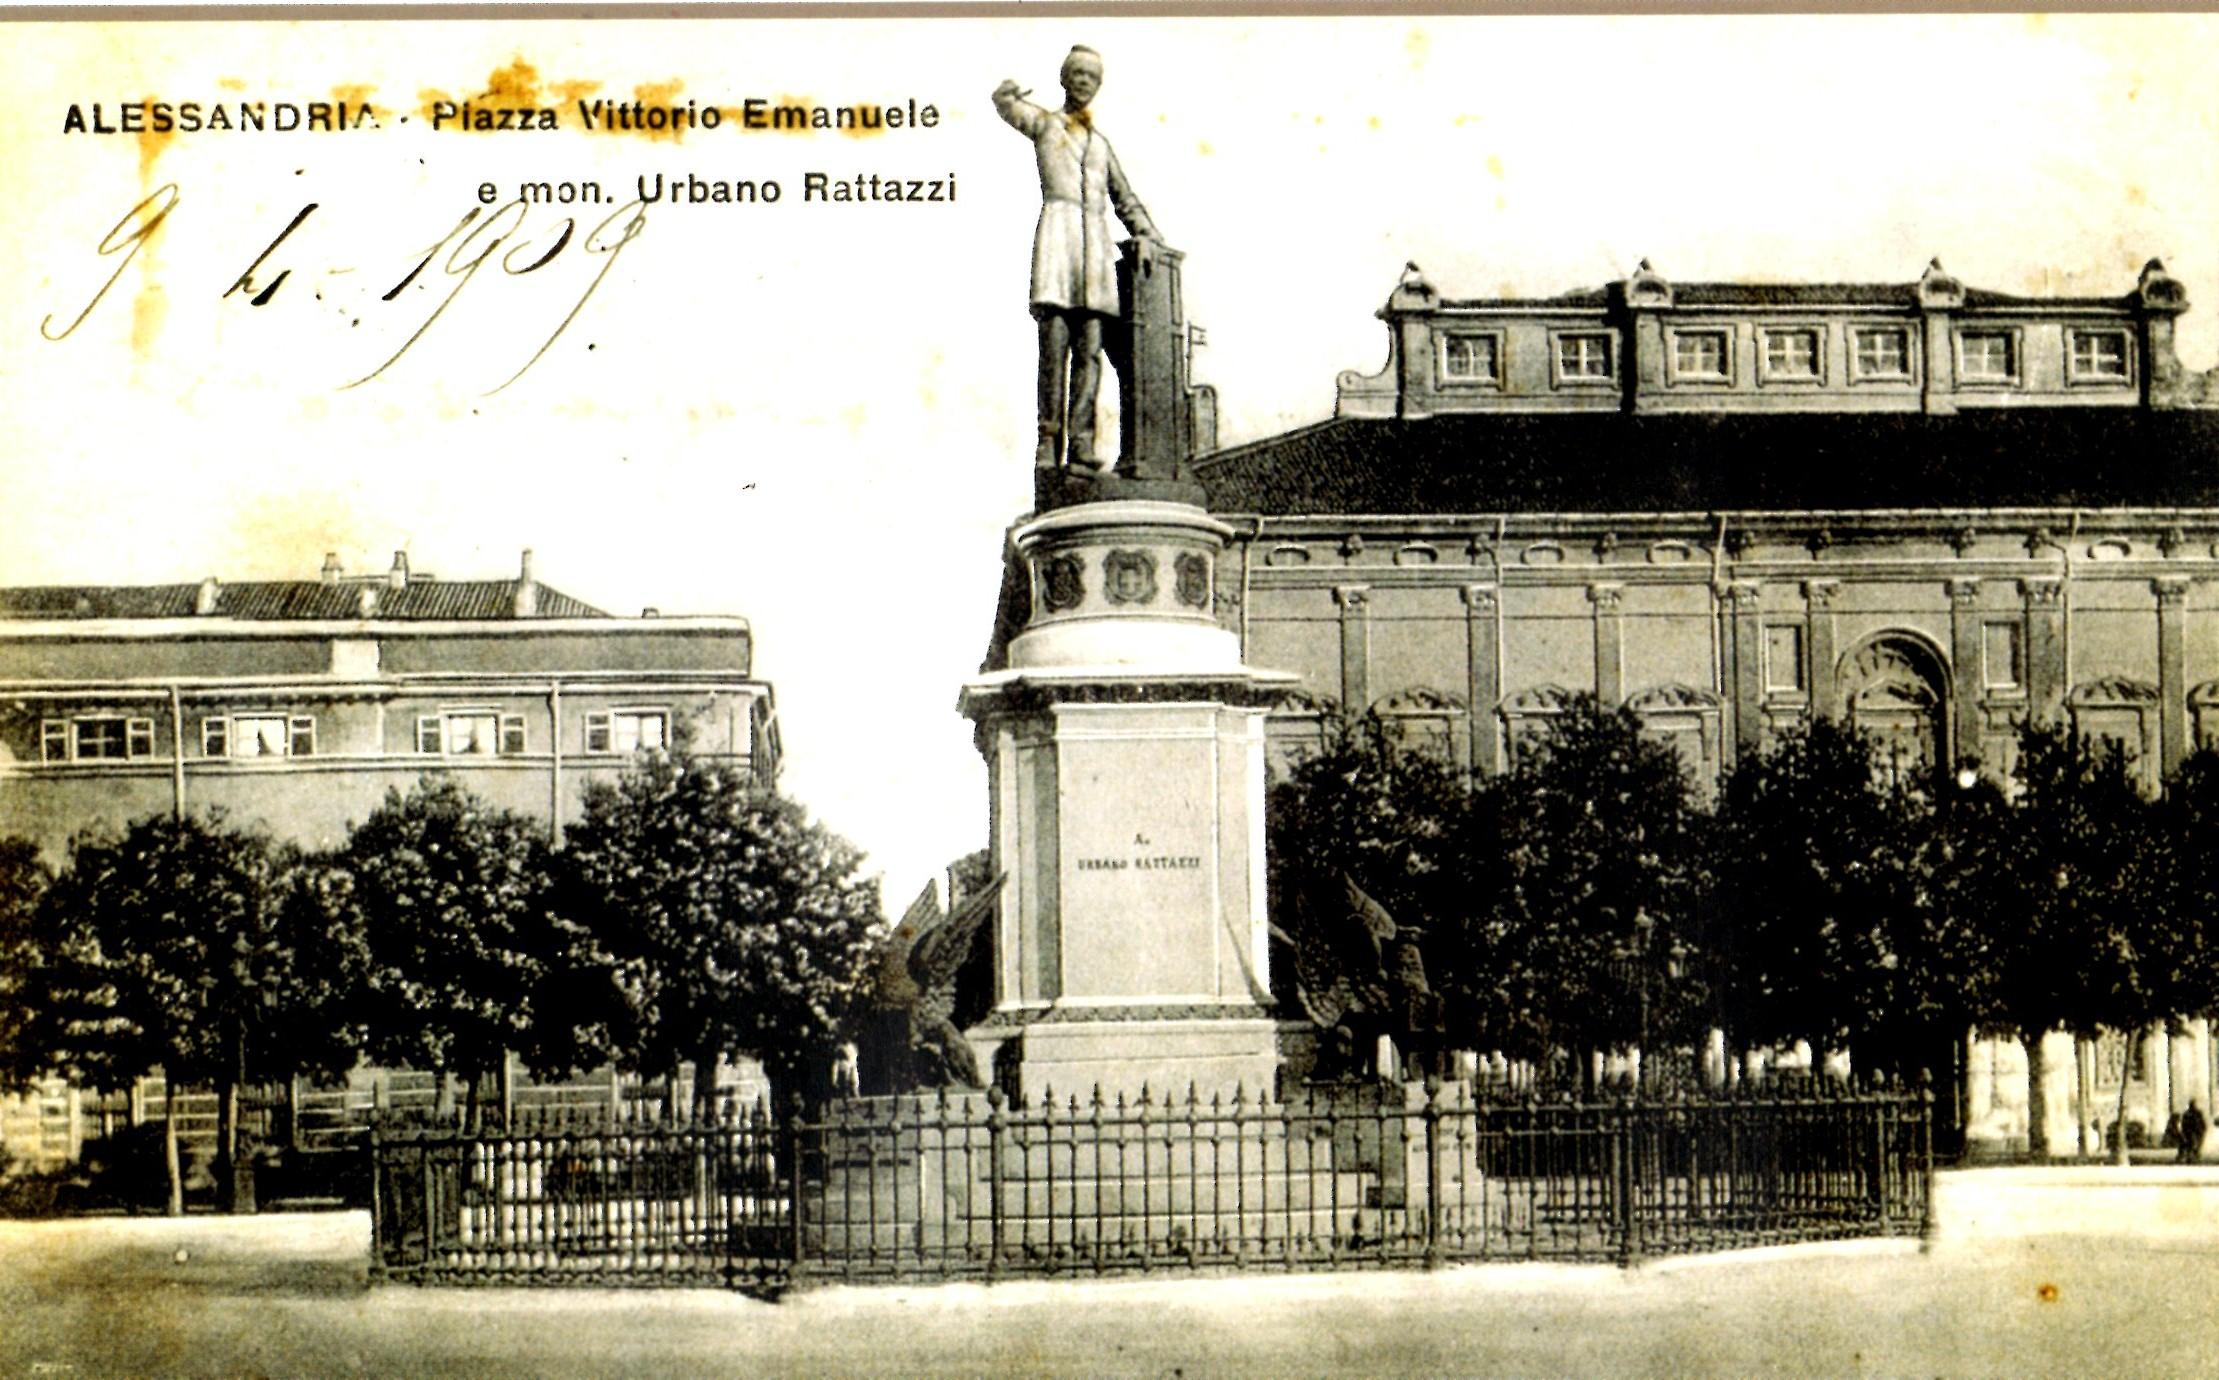 Il monumento in bronzo dedicato a Urbano Rattazzi di Giulio Monteverde nell'attuale Piazza della Libertà, inaugurato nel 1883 e fatto fondere nel 1943 in una cartolina d'epoca (collezione Domenico Picchio).